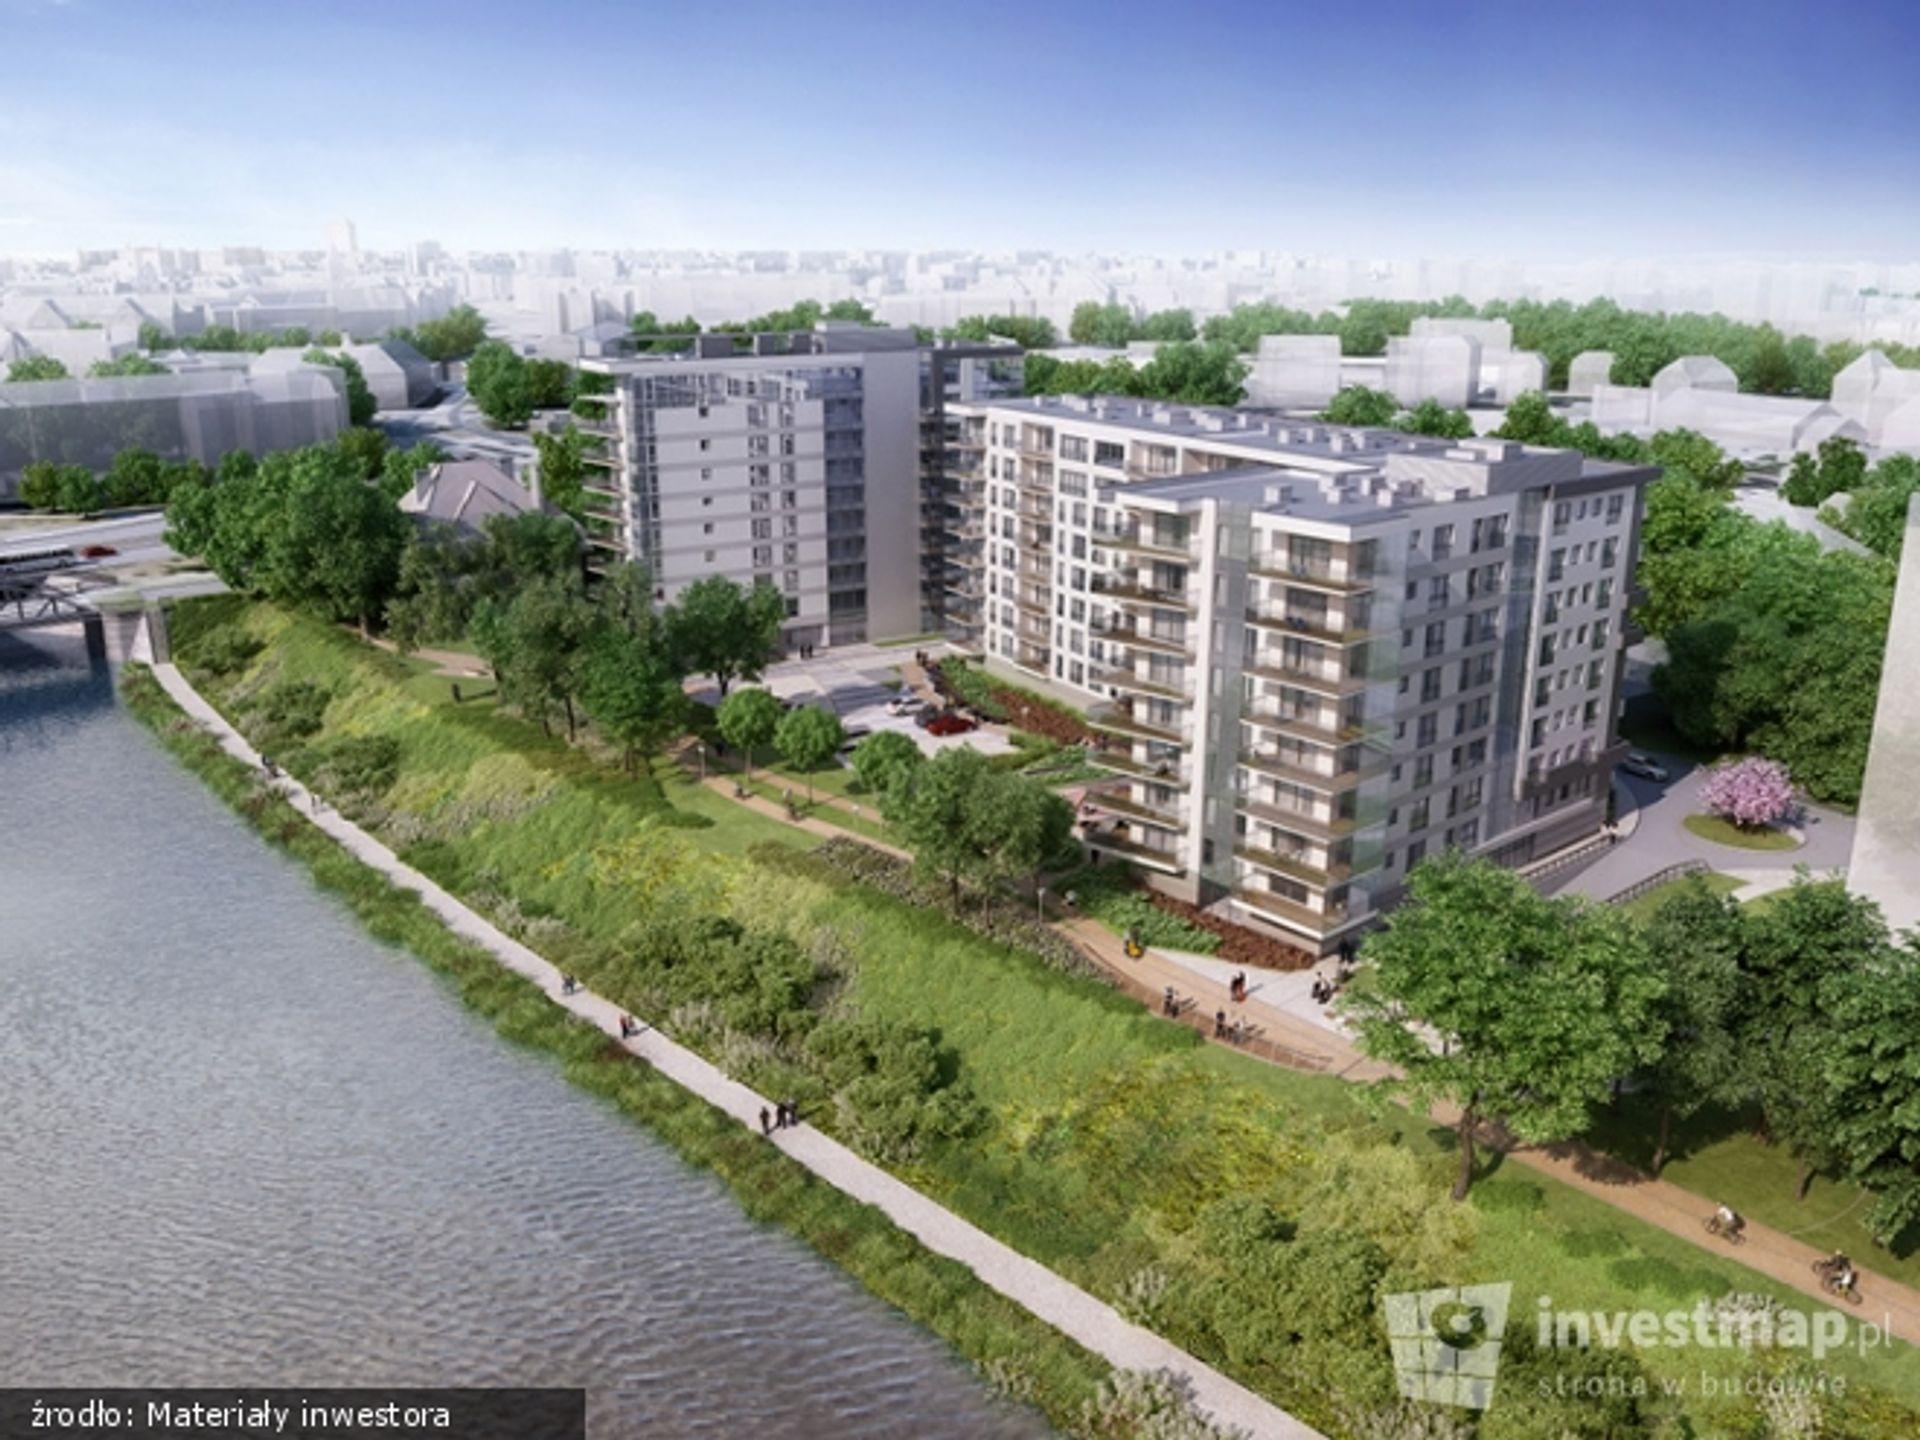 [Wrocław] Archicom rozpoczyna sprzedaż apartamentów River Point